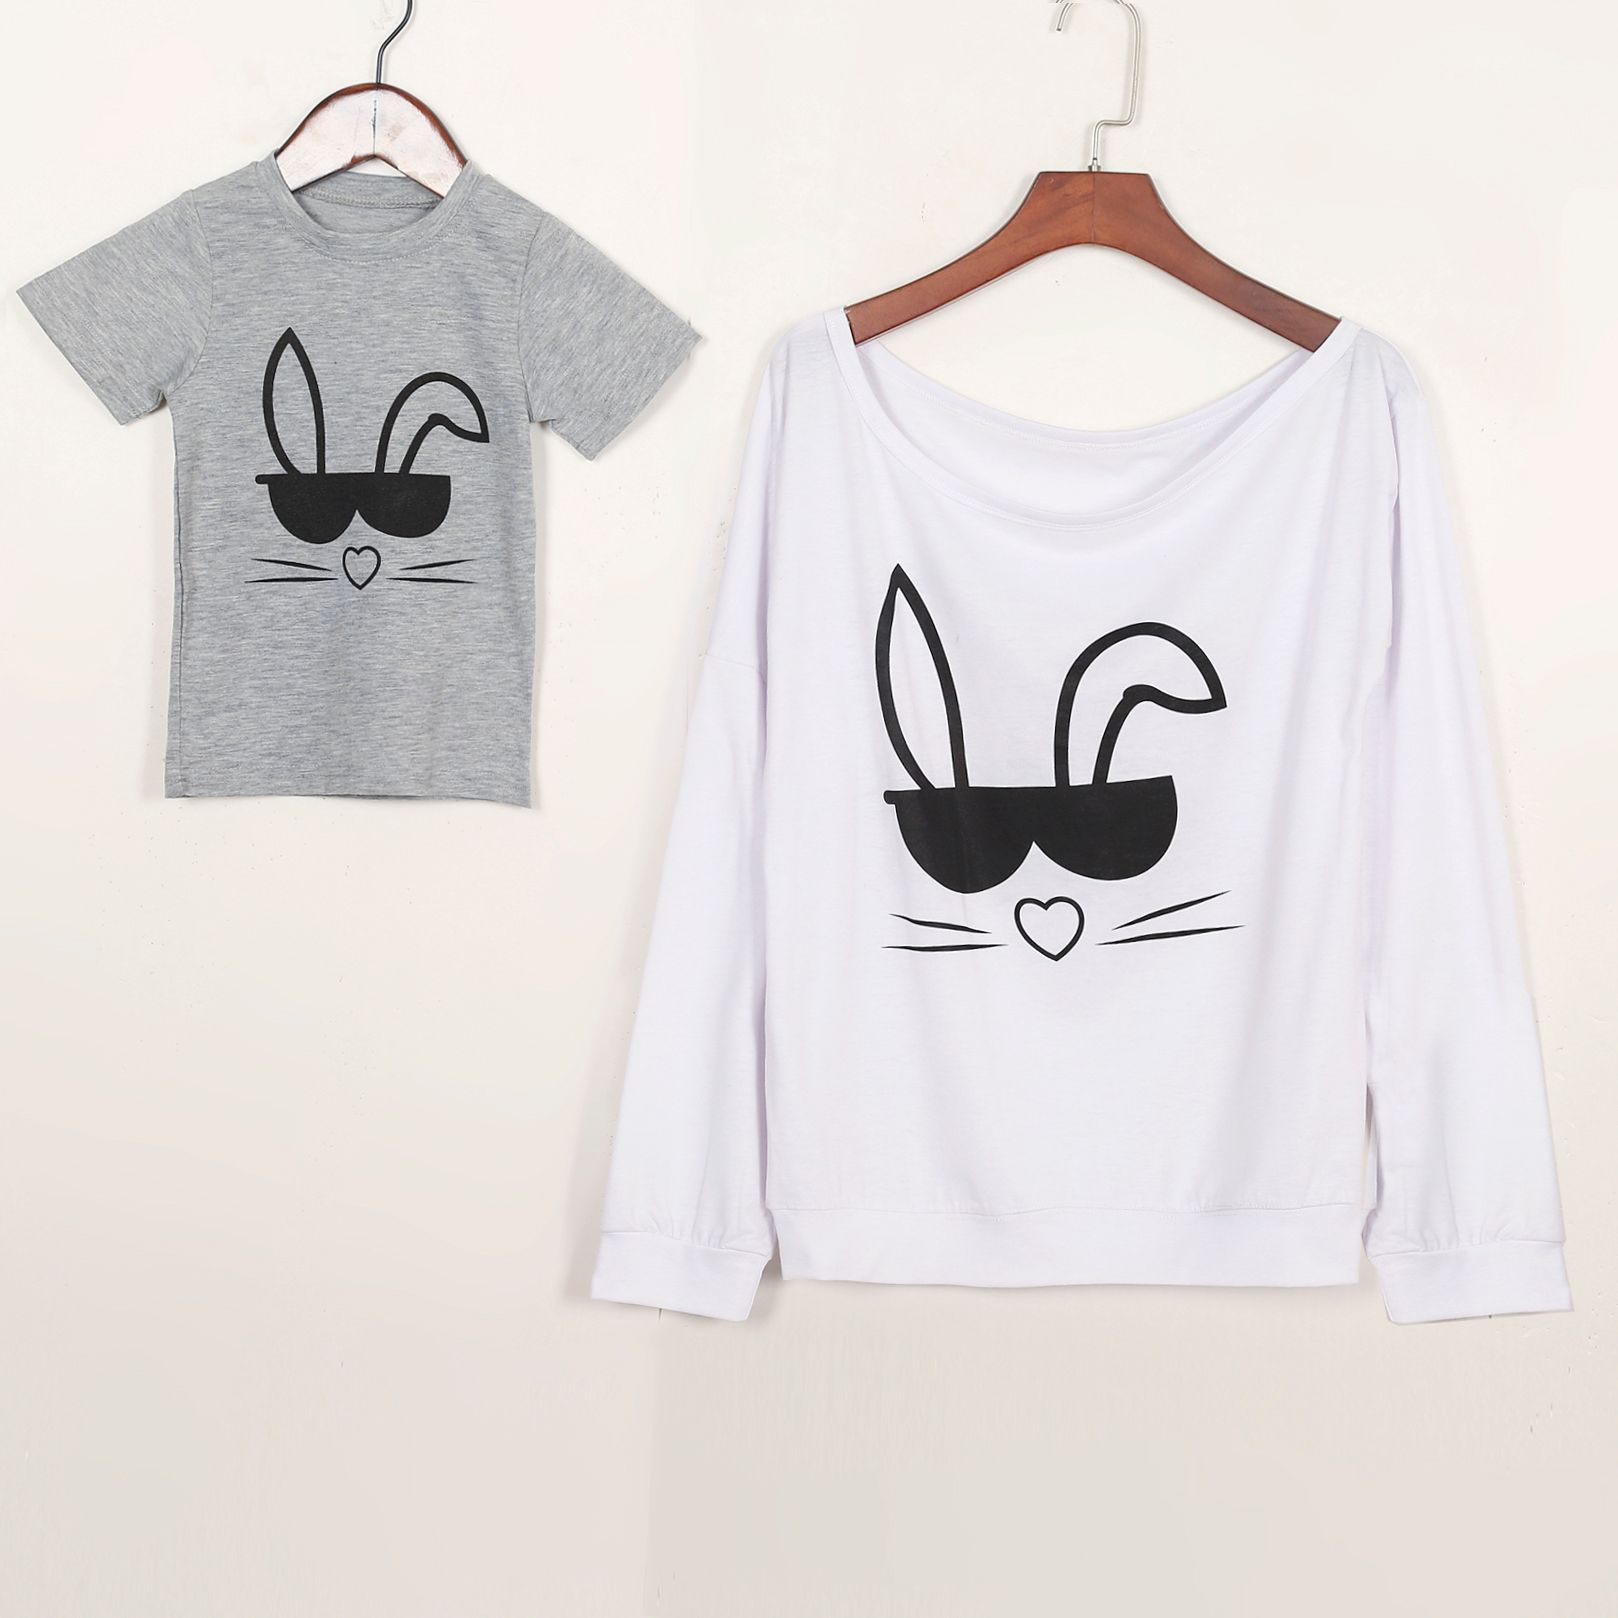 Семейный комплект одежды футболка Топы корректирующие Для женщин и ребенка милые Животные футболки Повседневная одежда мальчиков От 1 до 5 ...